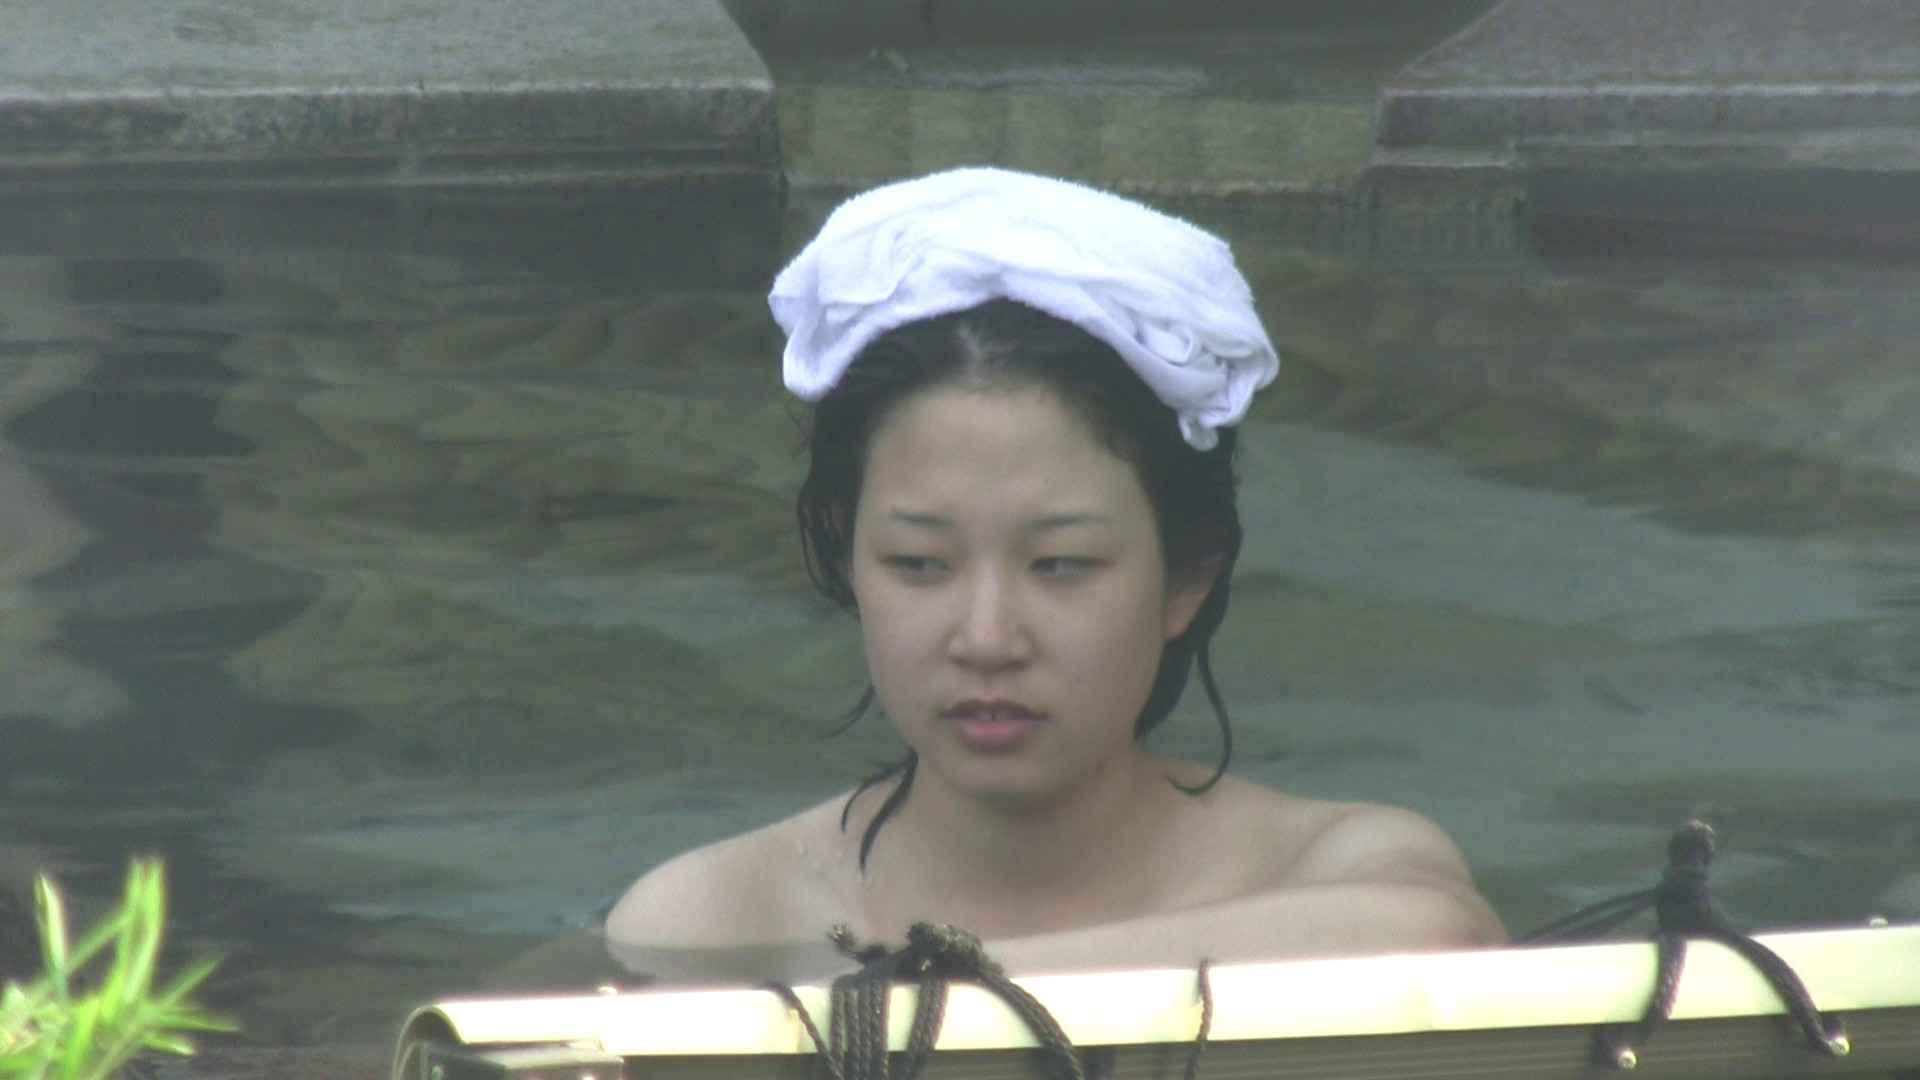 Aquaな露天風呂Vol.172 OL女体 スケベ動画紹介 60連発 17